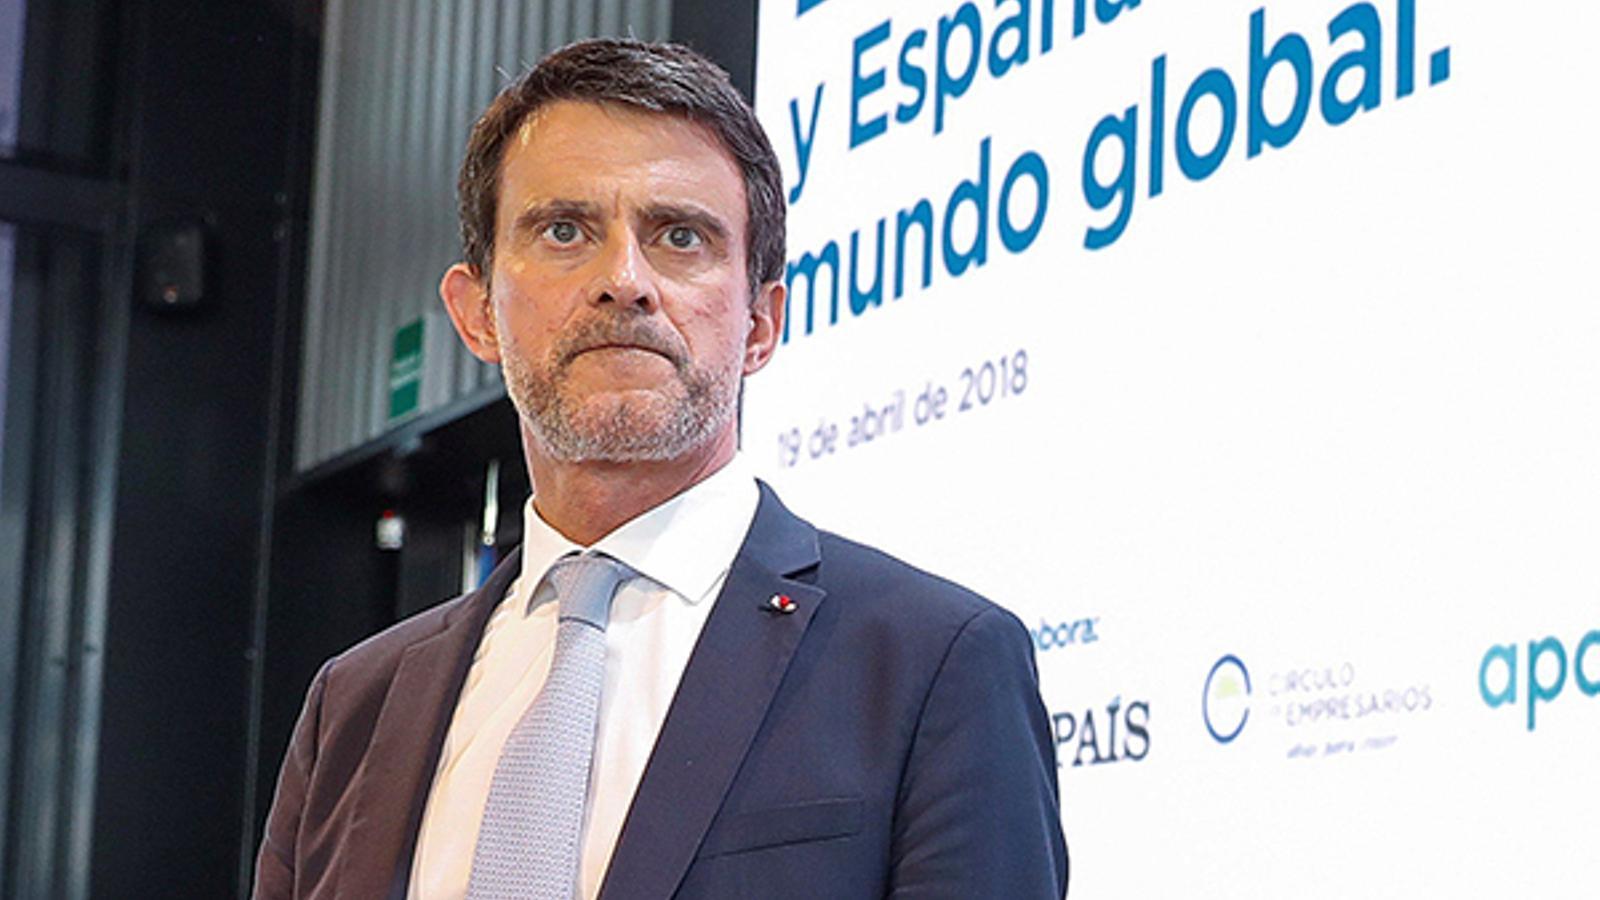 """Valls es desmarca de Cs: """"Jo mai negociaré de manera directa o indirecta la investidura amb cap formació d'extrema dreta"""""""